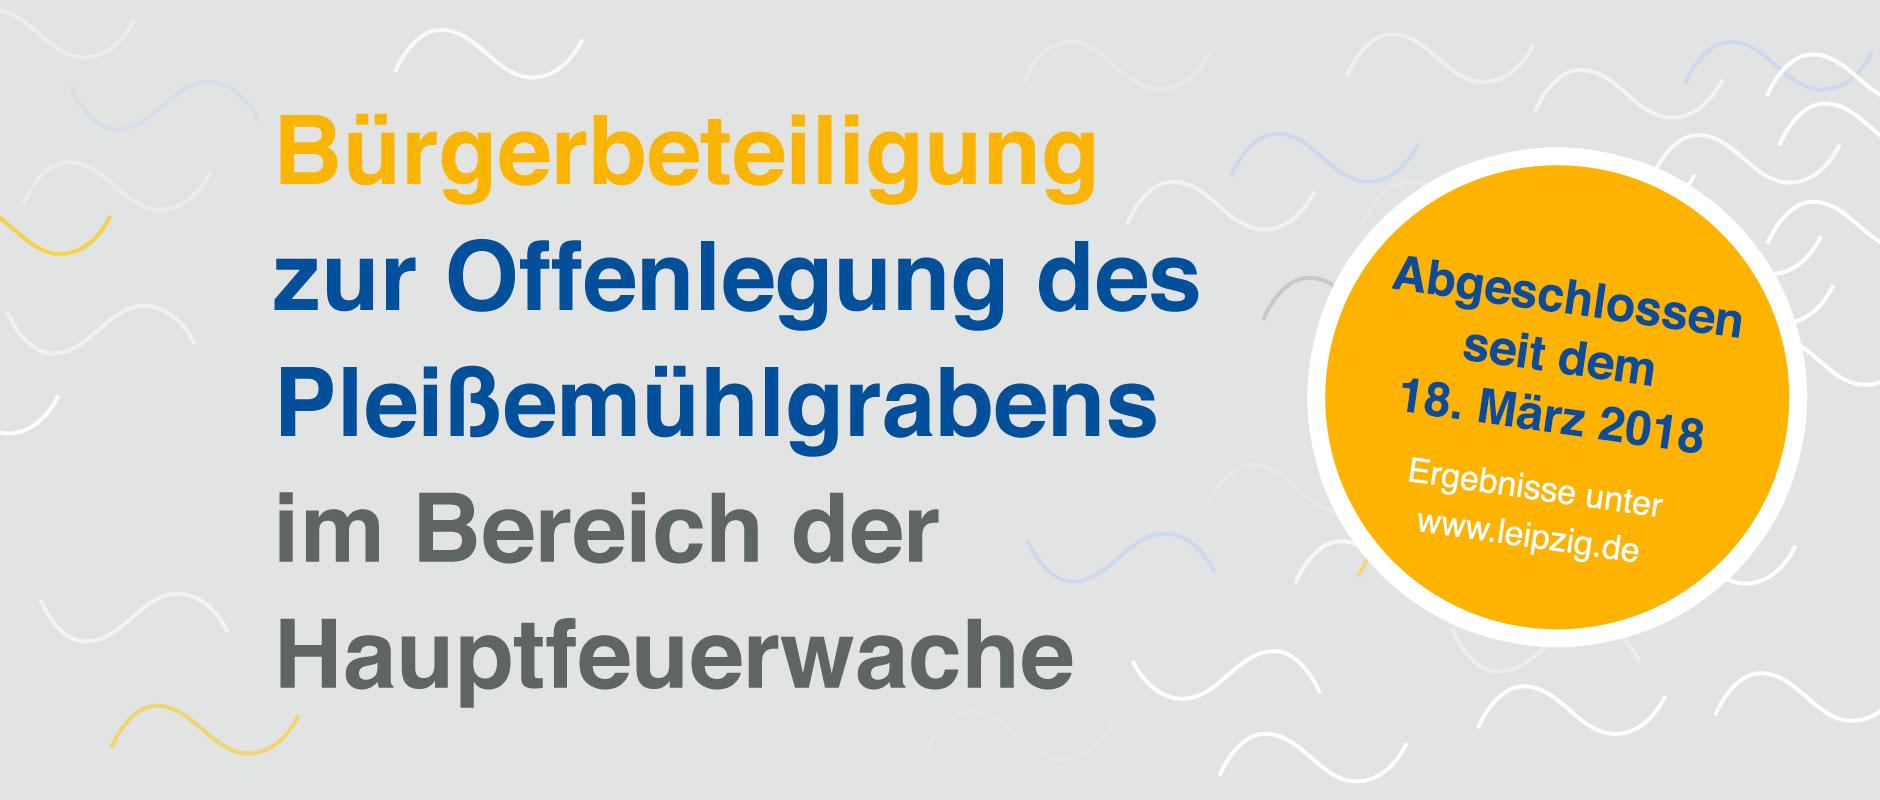 Bürgerbeteiligung zur Offenlegung des Pleißemühlgrabens im Bereich der Hauptfeuerwehrwache